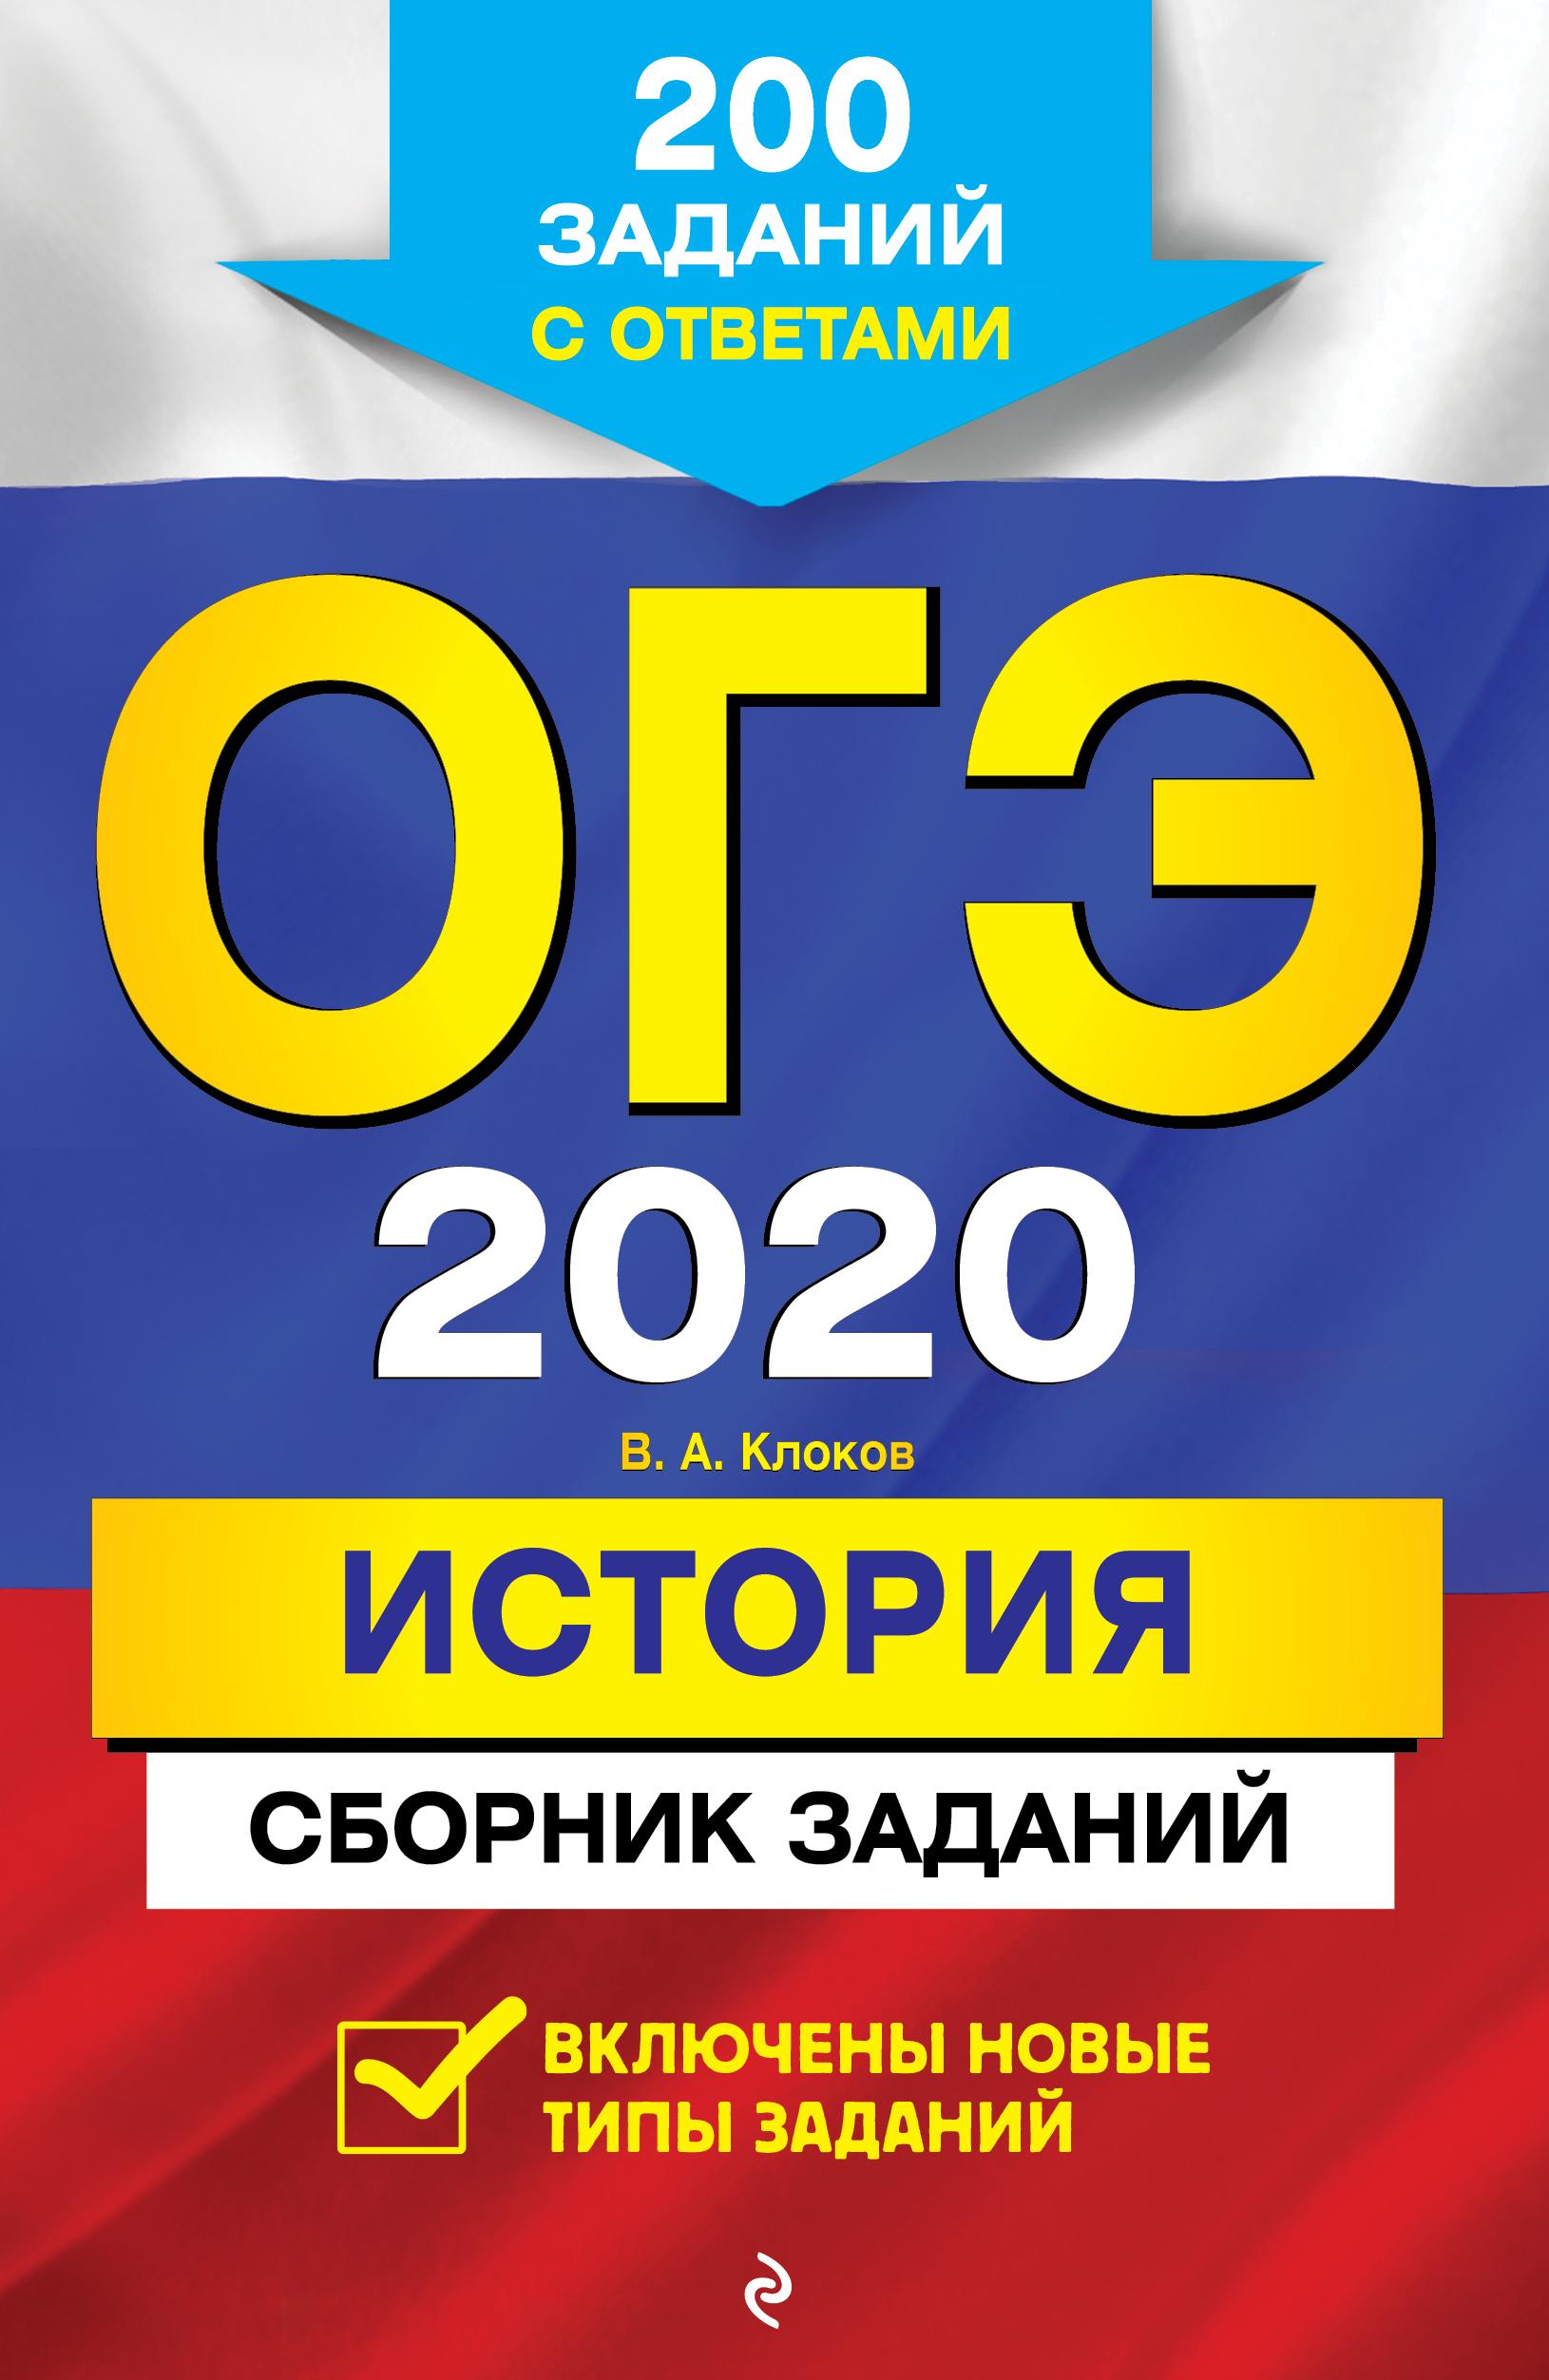 OGE-2020. Istorija. Sbornik zadanij: 200 zadanij s otvetami